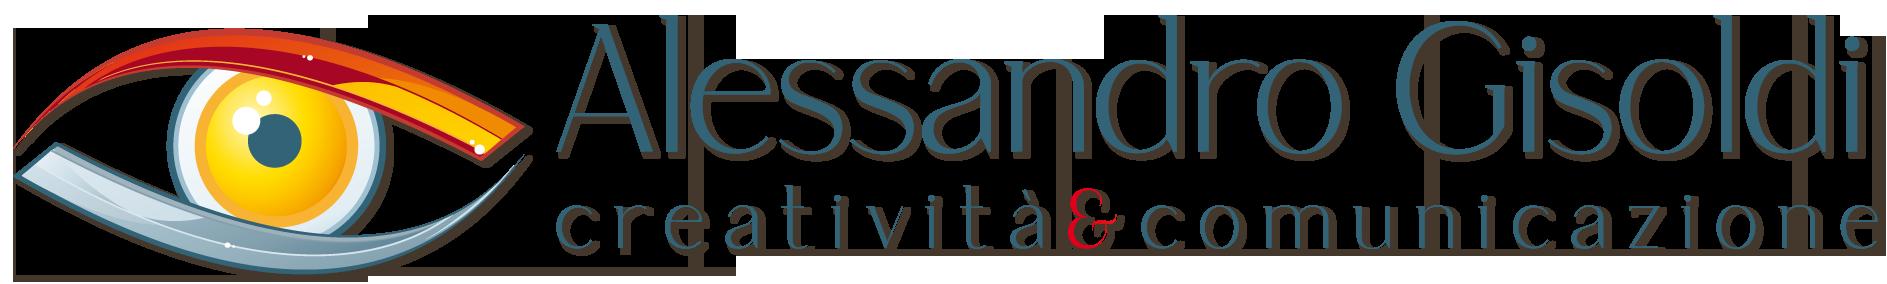 ALessandro Gisoldi - Gisoldiweb.it Creatività&comunicazione